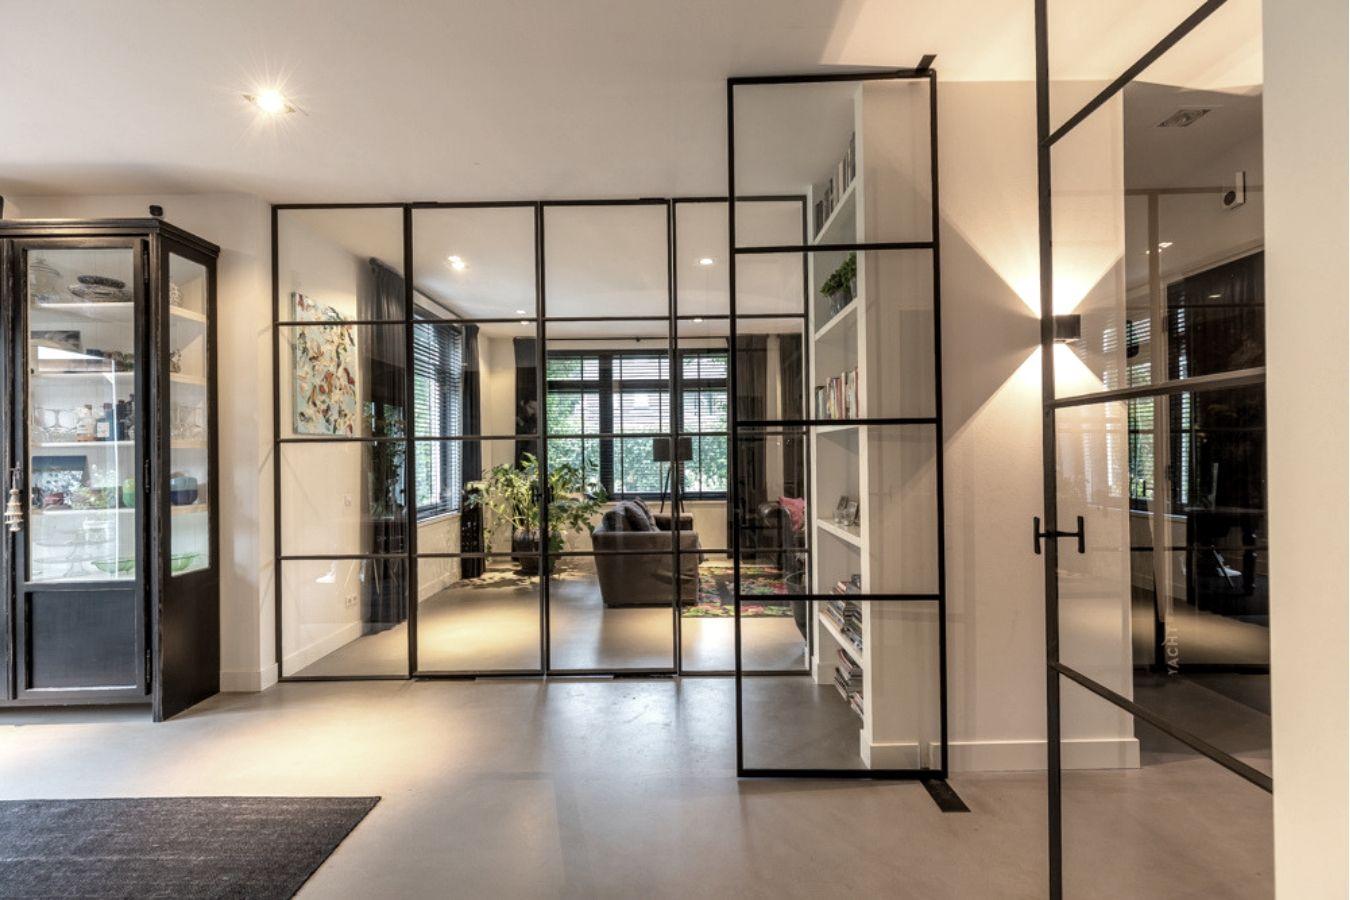 dubbele stalen taatsdeuren, oude tv productie pand vernieuwt in nieuwe villa, stalen deuren in woonkamer Hilversum, realisatie door StalenDeurenHuys